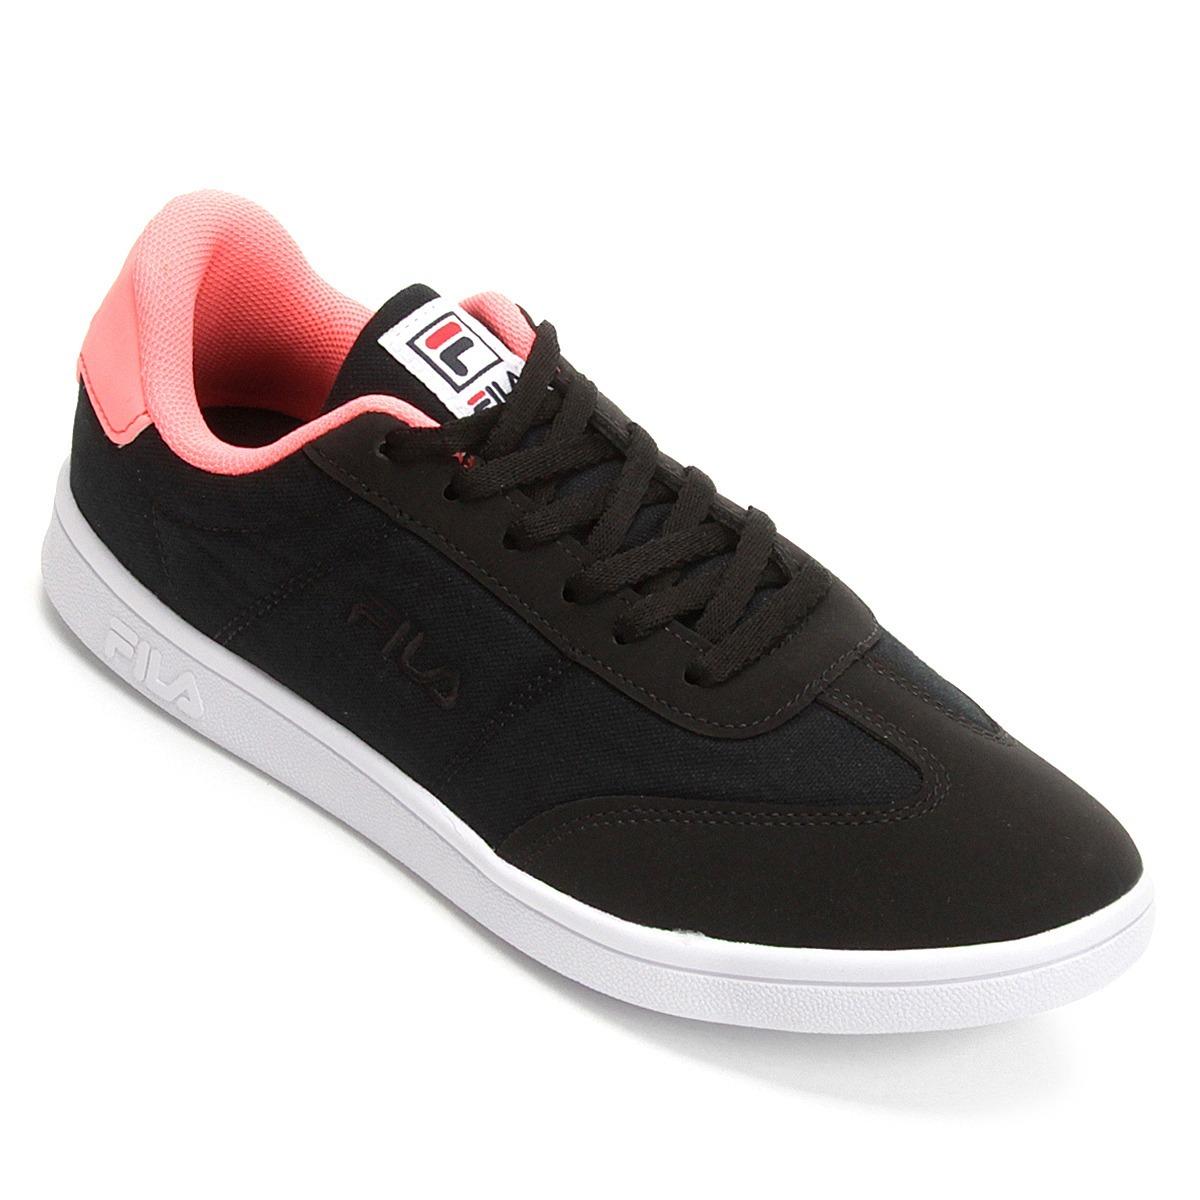 71a63c4cee9 tênis fila dell corte feminino preto e rosa. Carregando zoom.